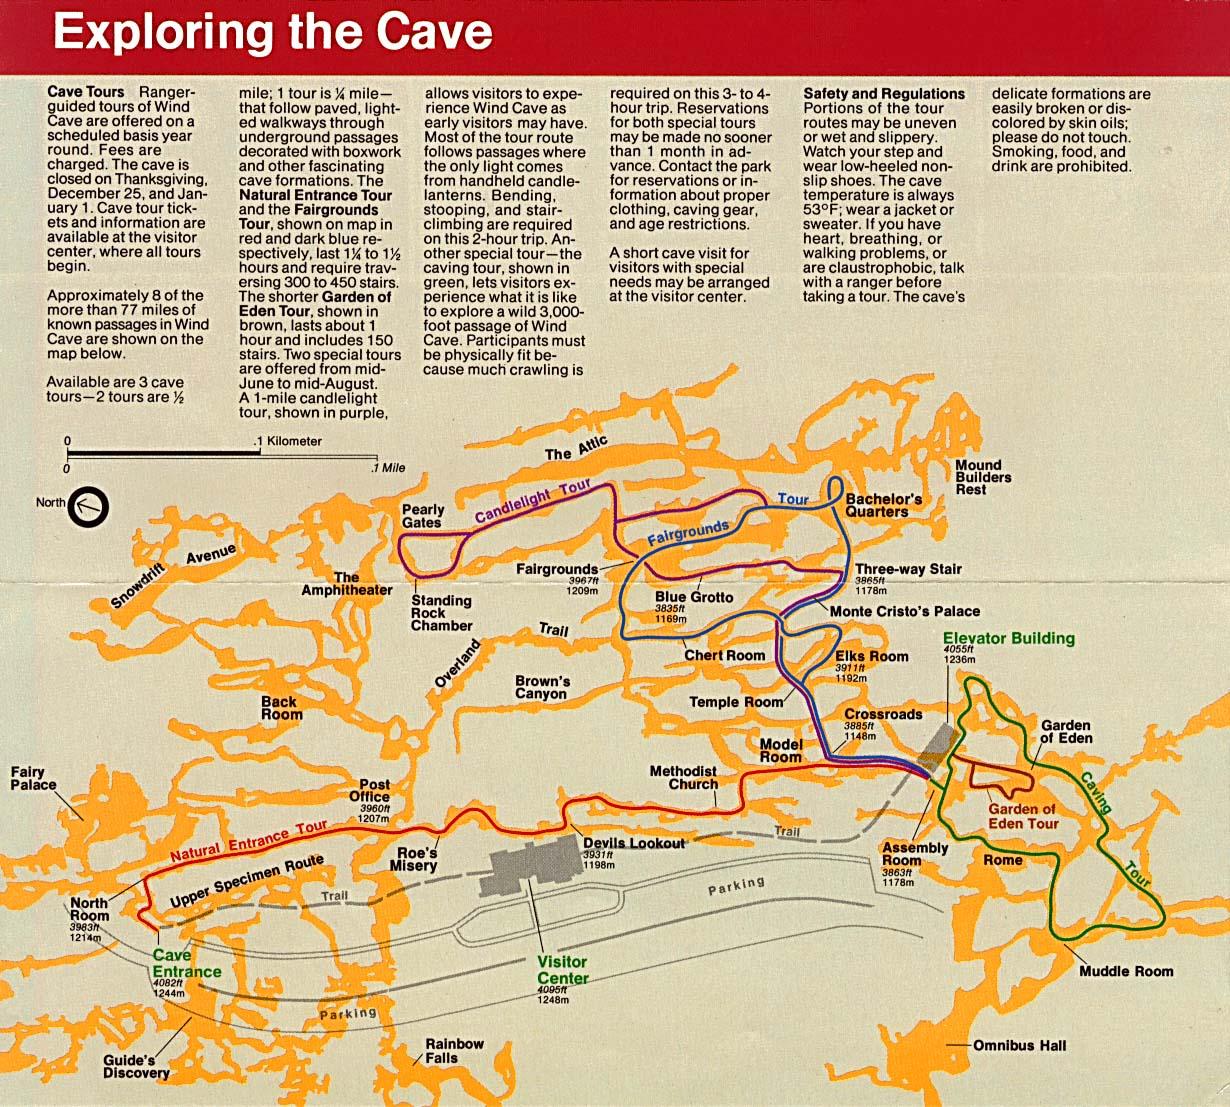 Mapa Esquema de las Cuevas, Parque Nacional Wind Cave, Dakota del Sur, Estados Unidos